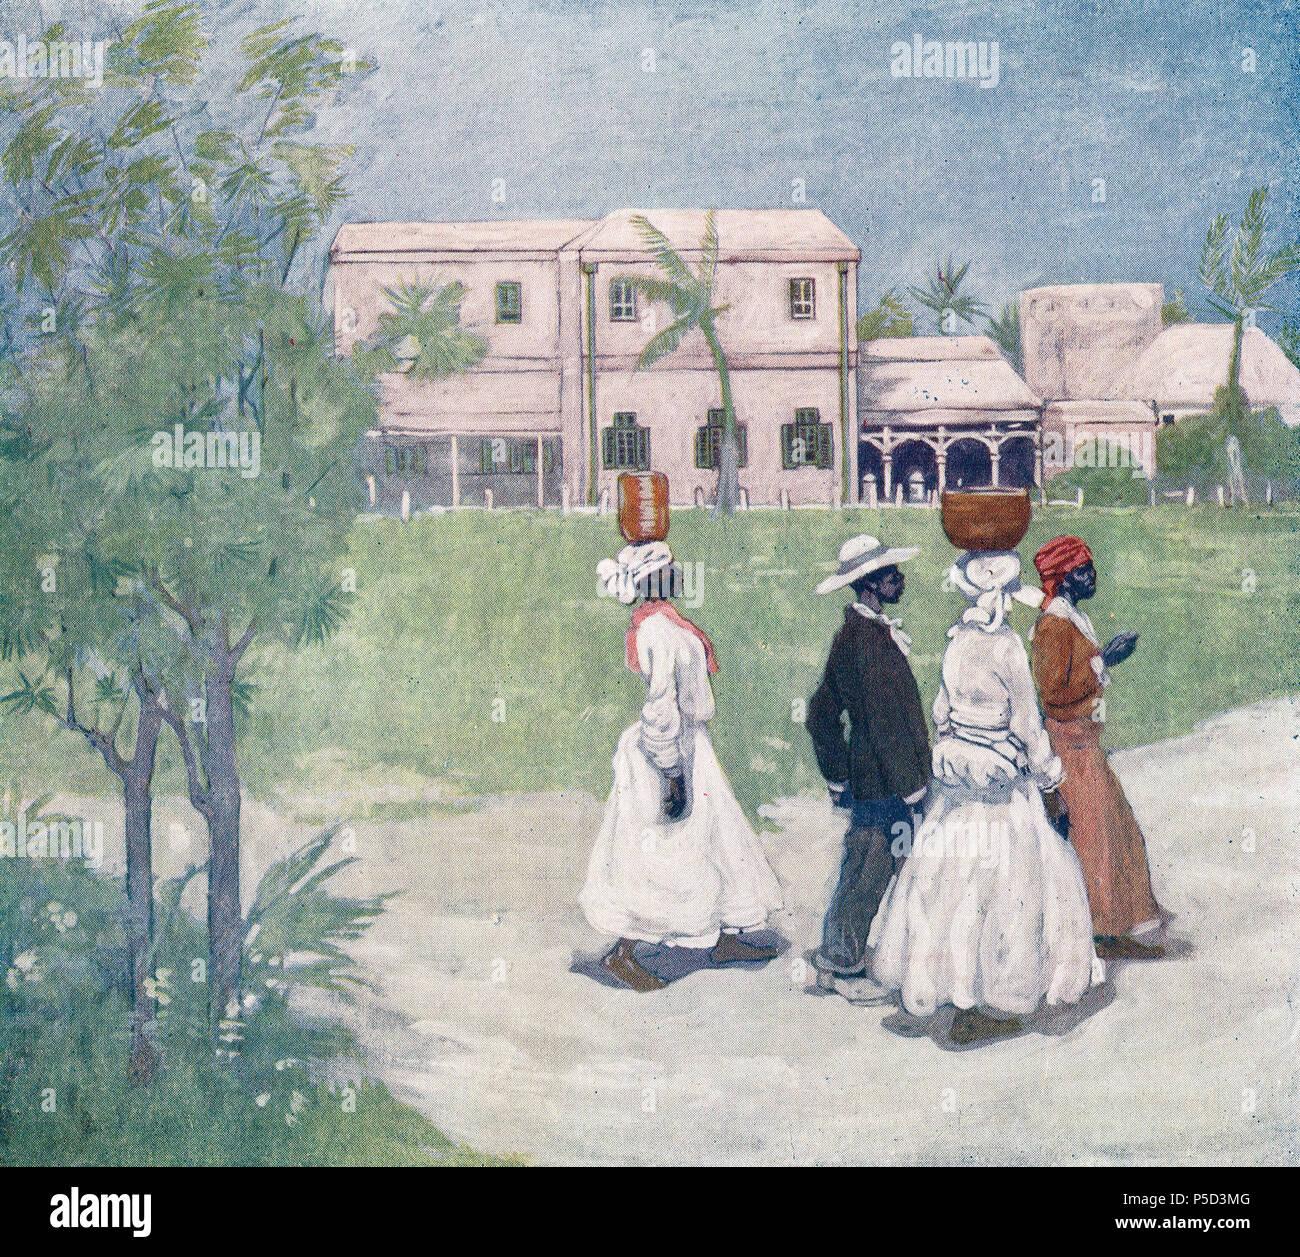 Andare a lavorare in Barbados, fine del XIX inizio xx secolo Immagini Stock